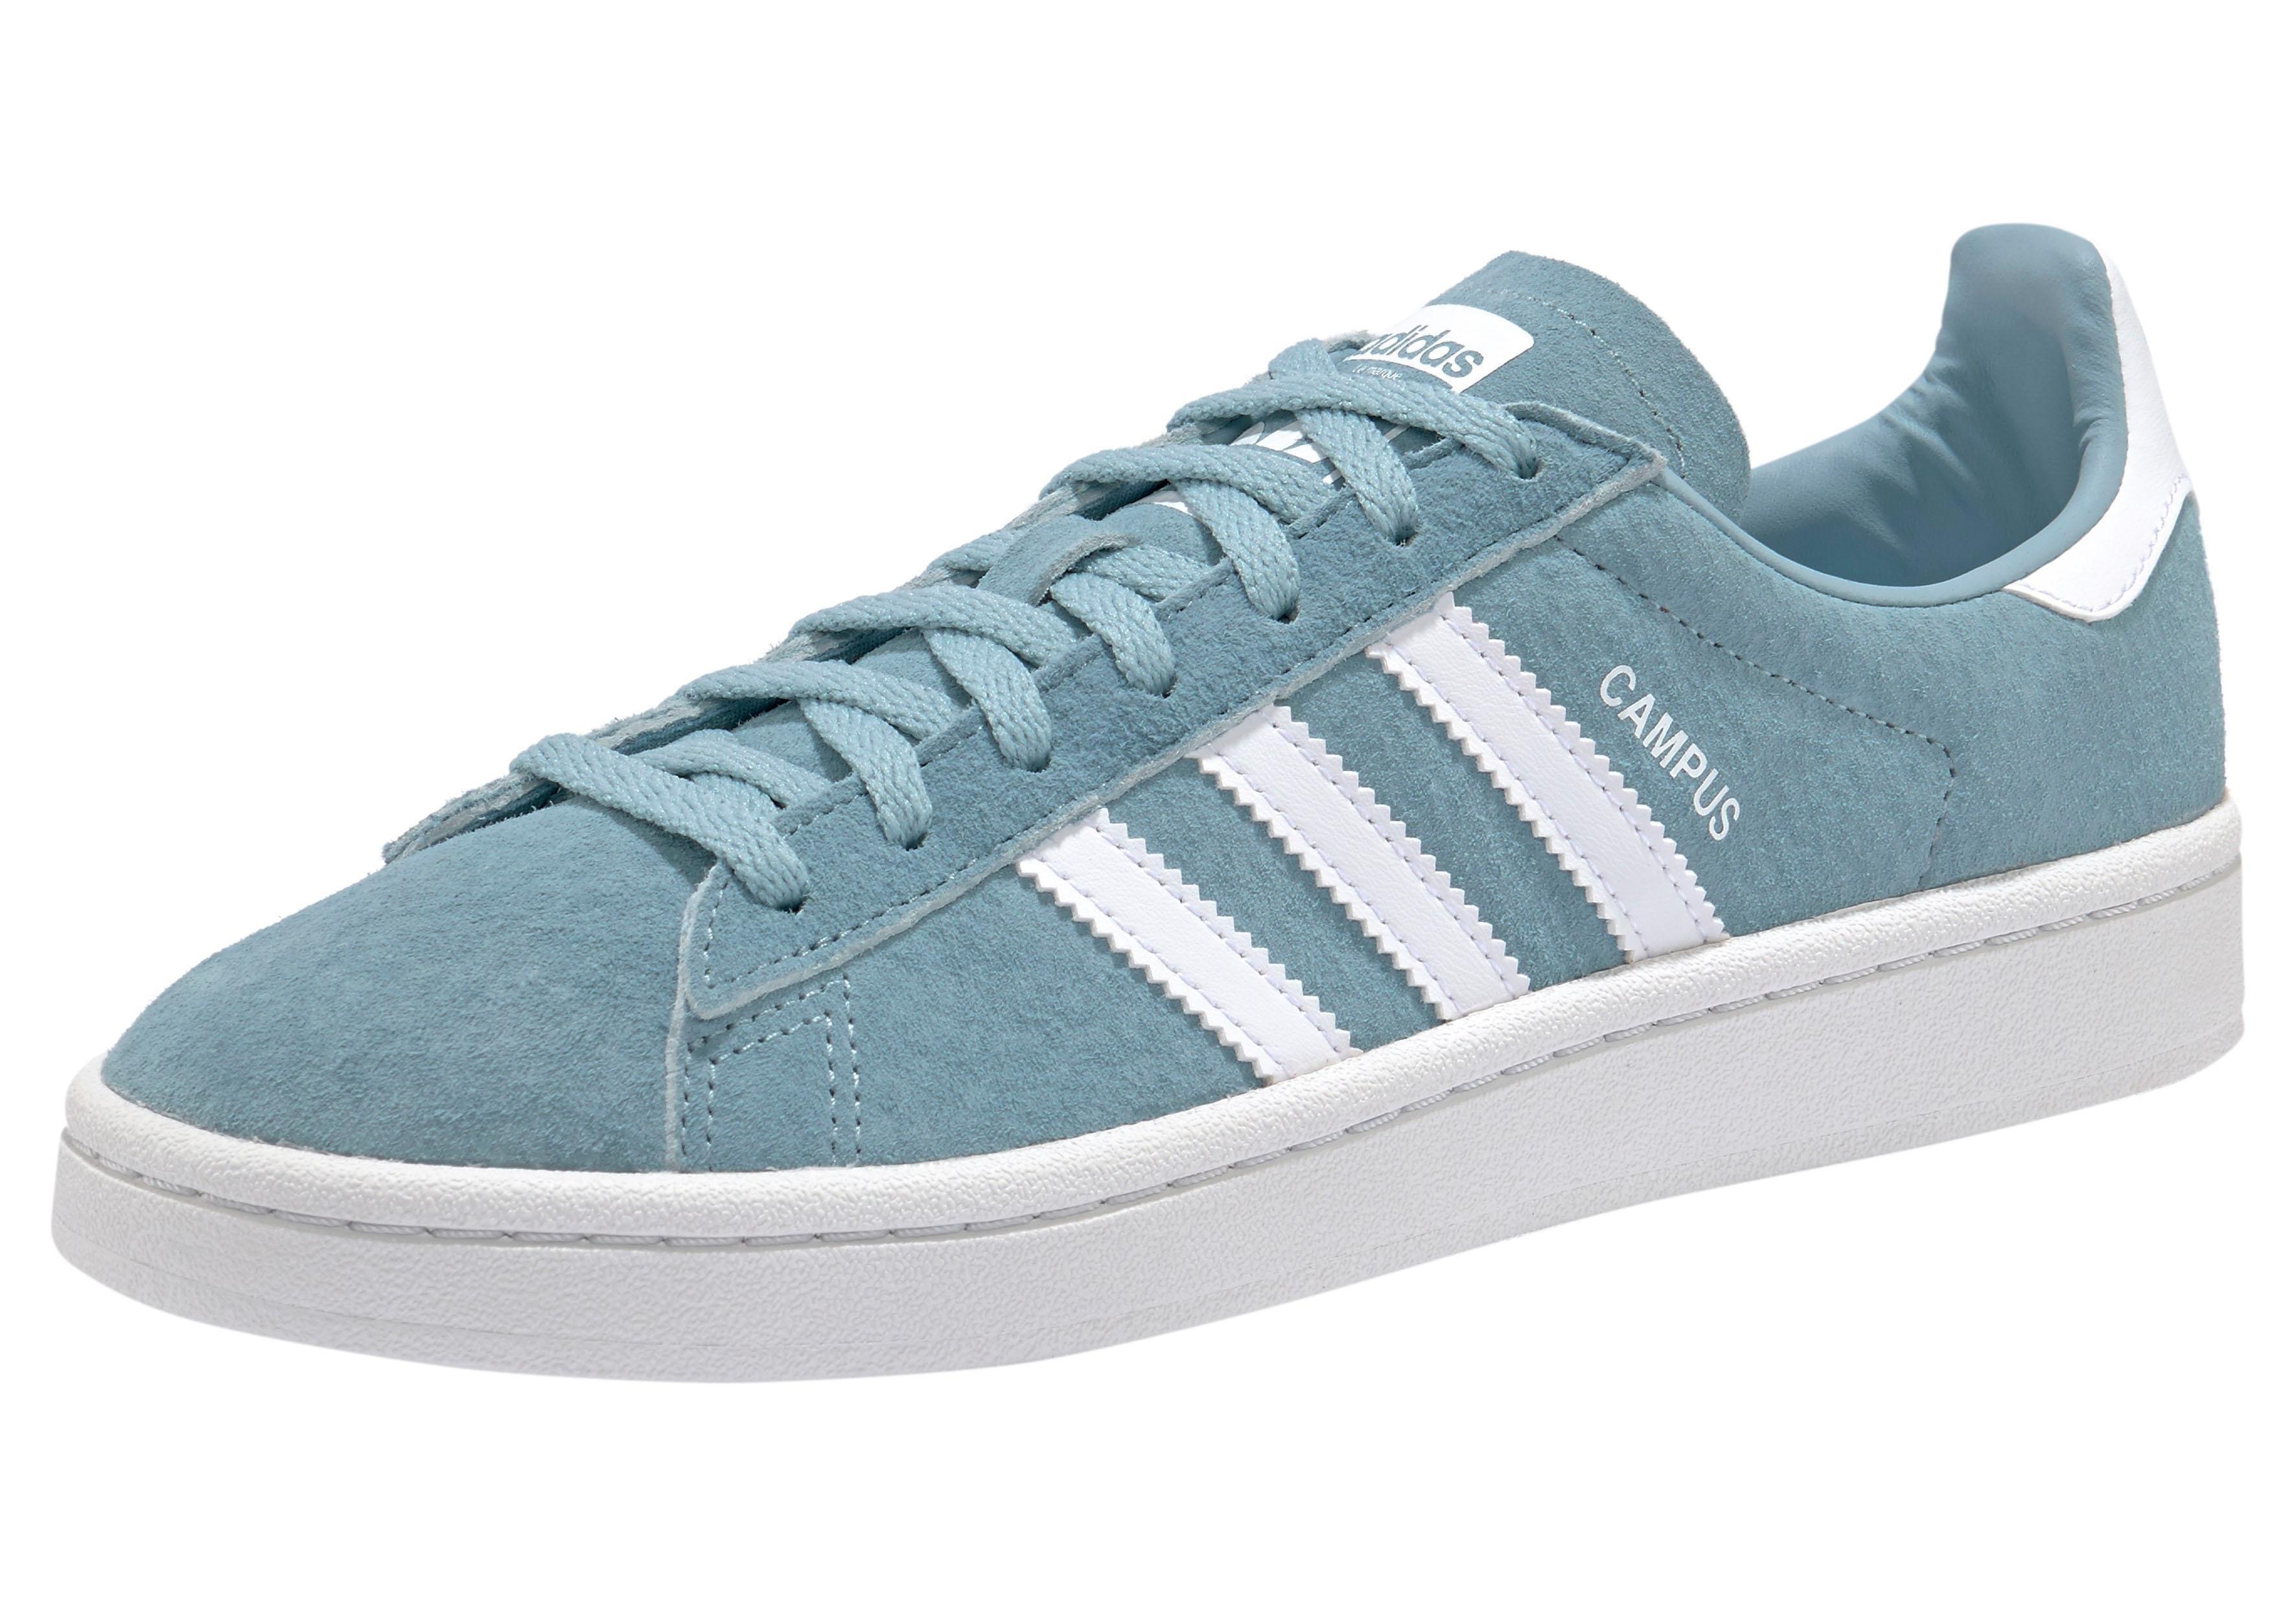 3cdf19a4179 ... adidas Originals sneakers »Campus W«, adidas Originals sneakers »Campus«